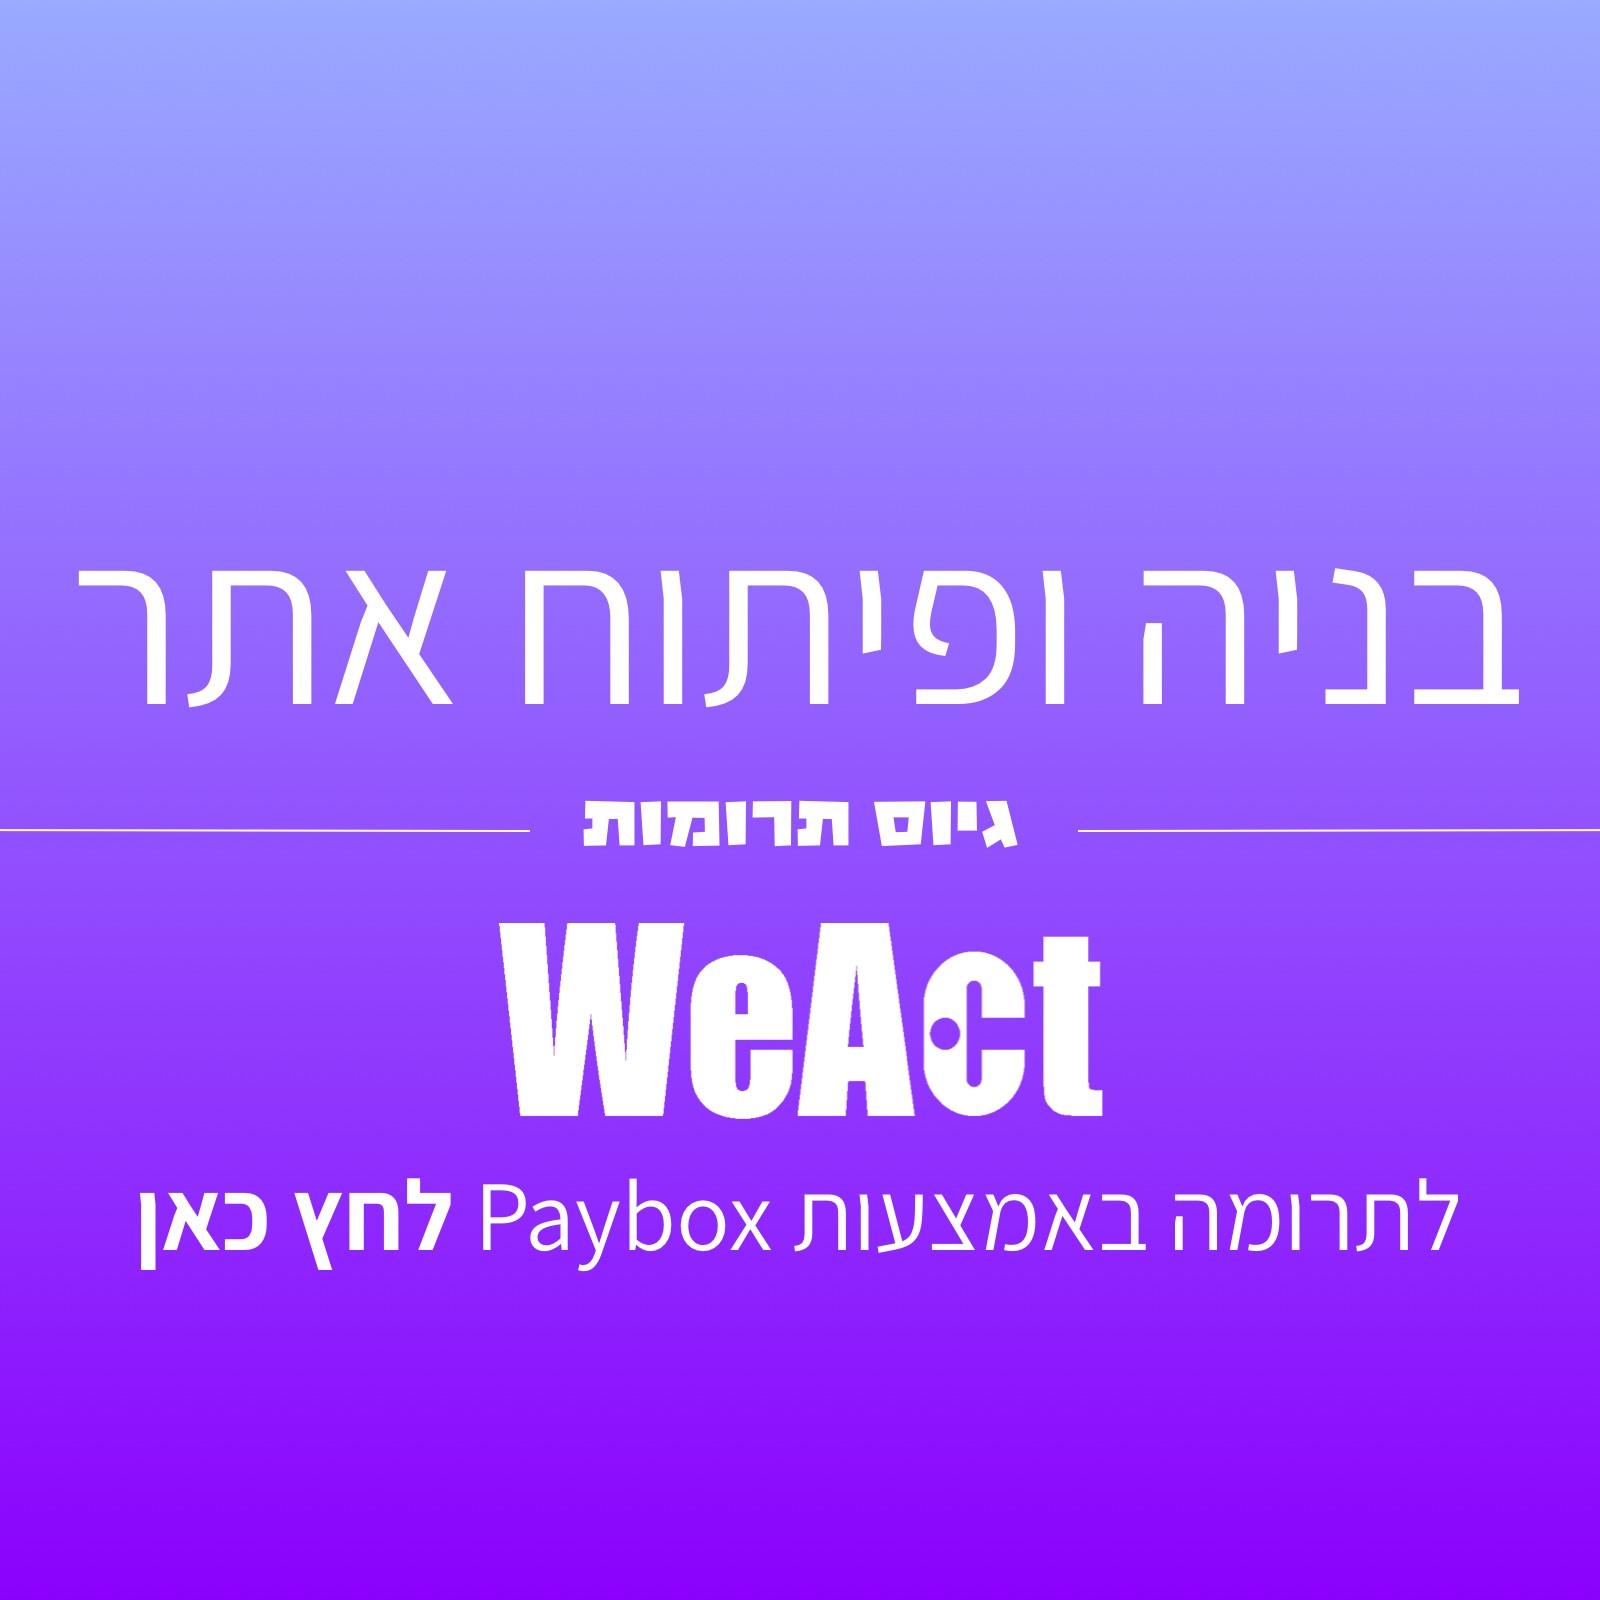 בניית ופיתוח אתר WeAct